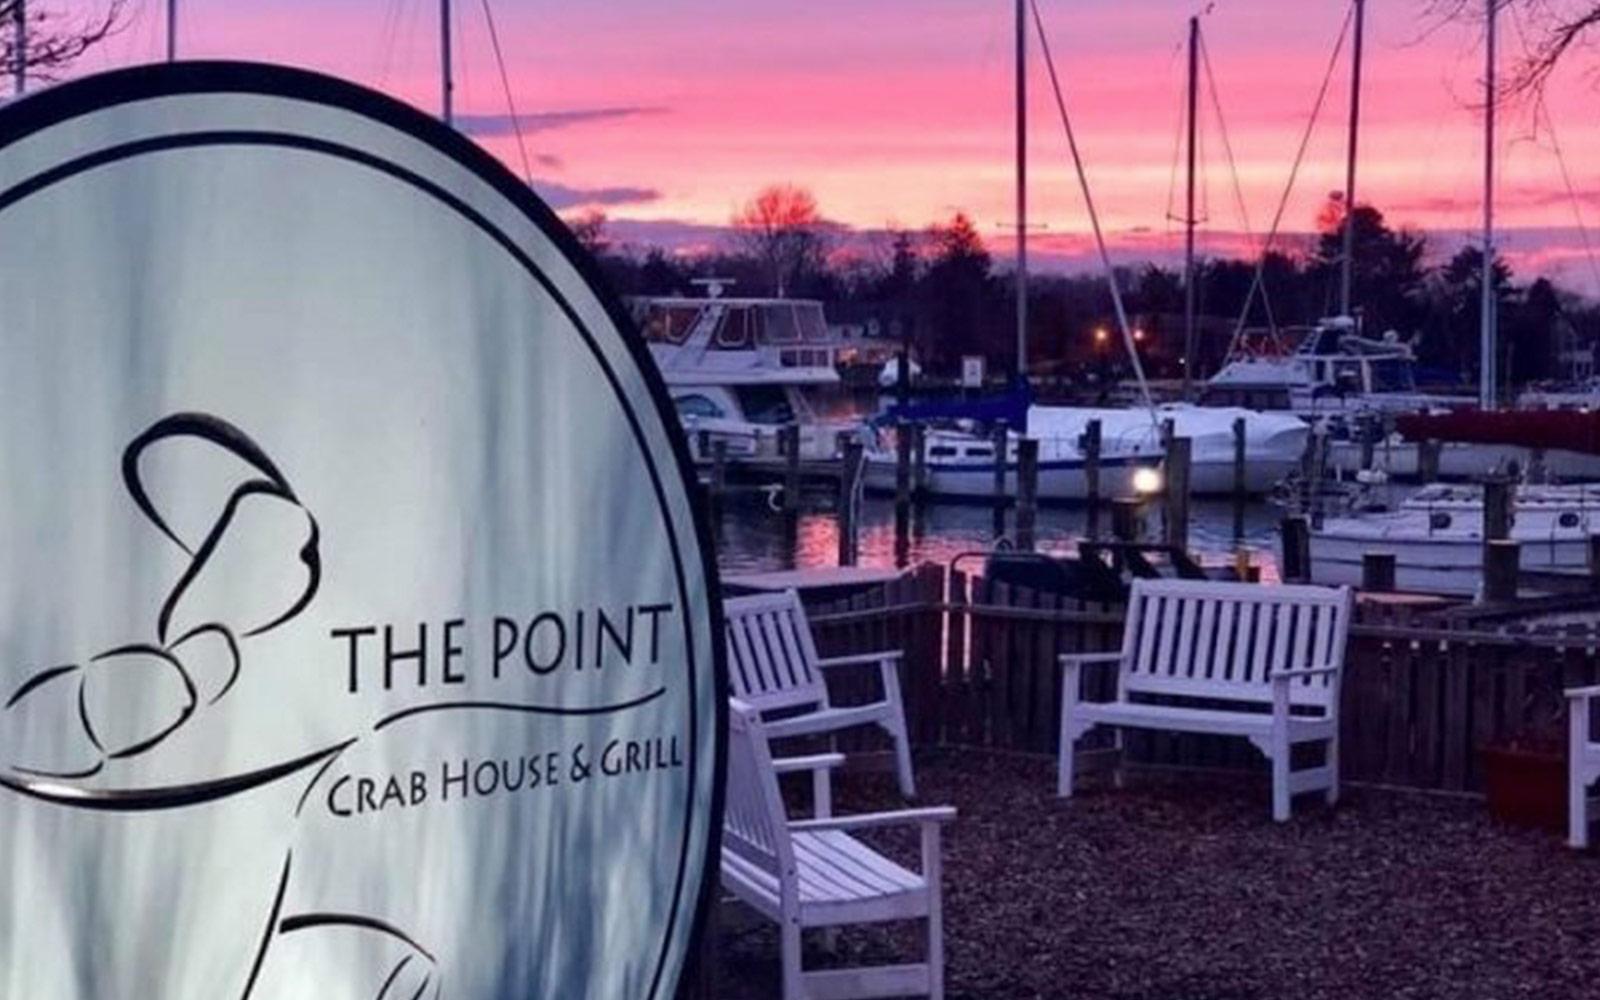 Ferry Point Marina Under New Ownership, Joins Brick Companies' Atlantic Marinas Family